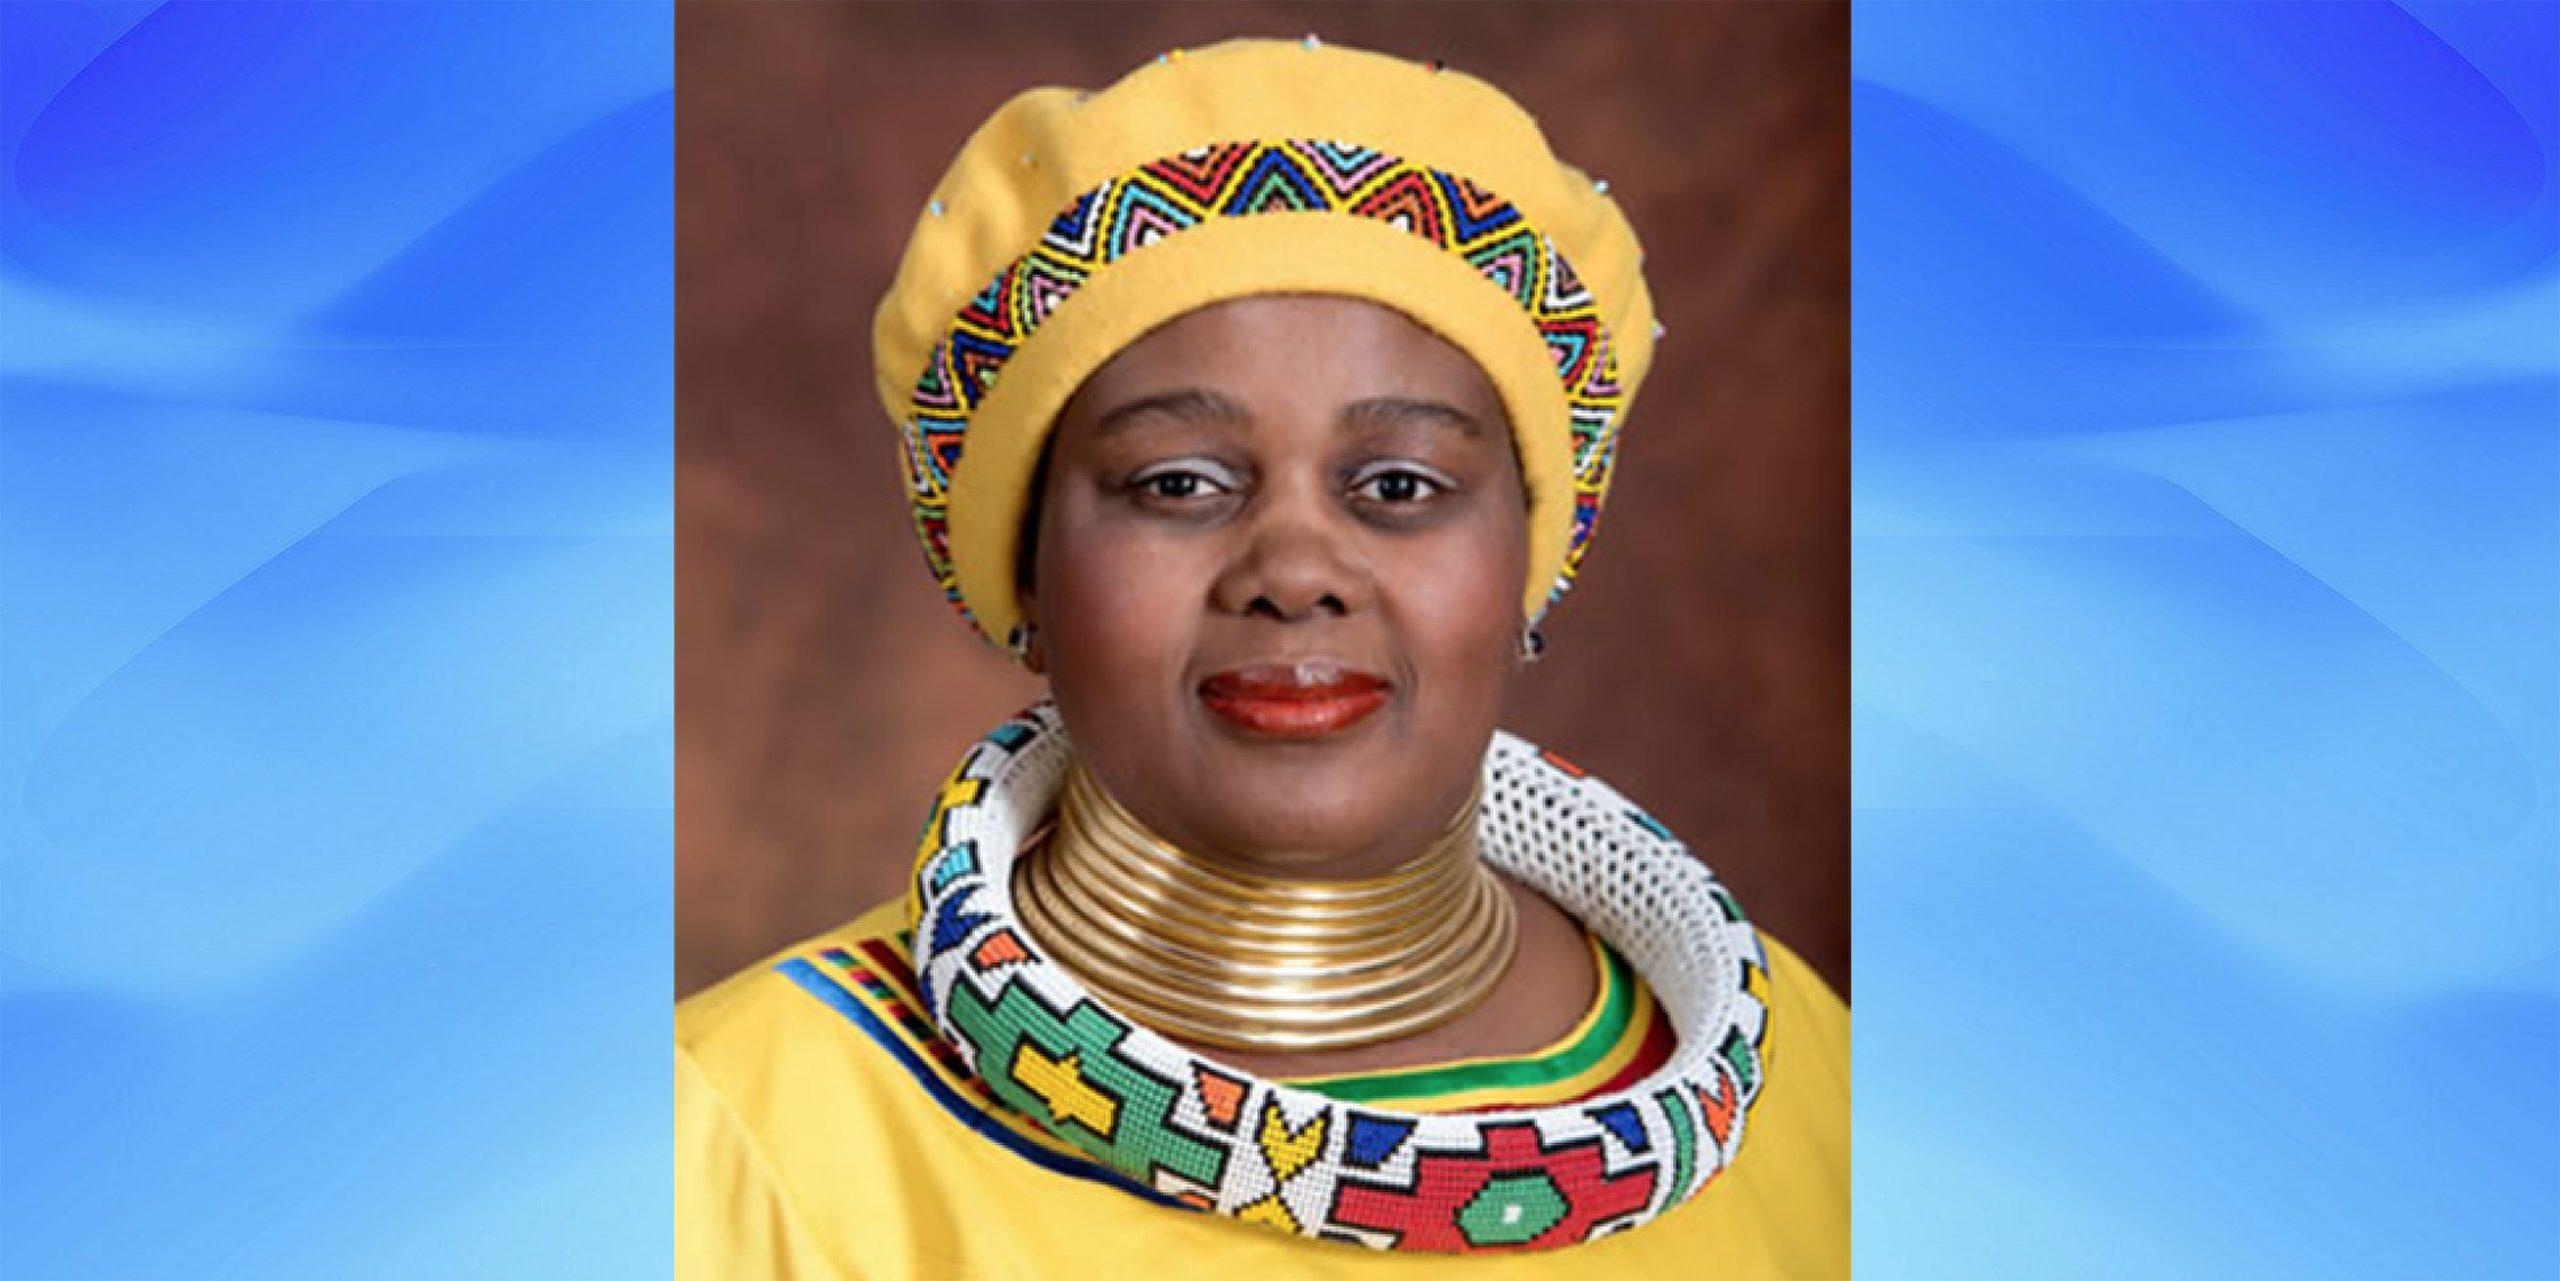 Minister of human settlements Mmamoloko Kubayi